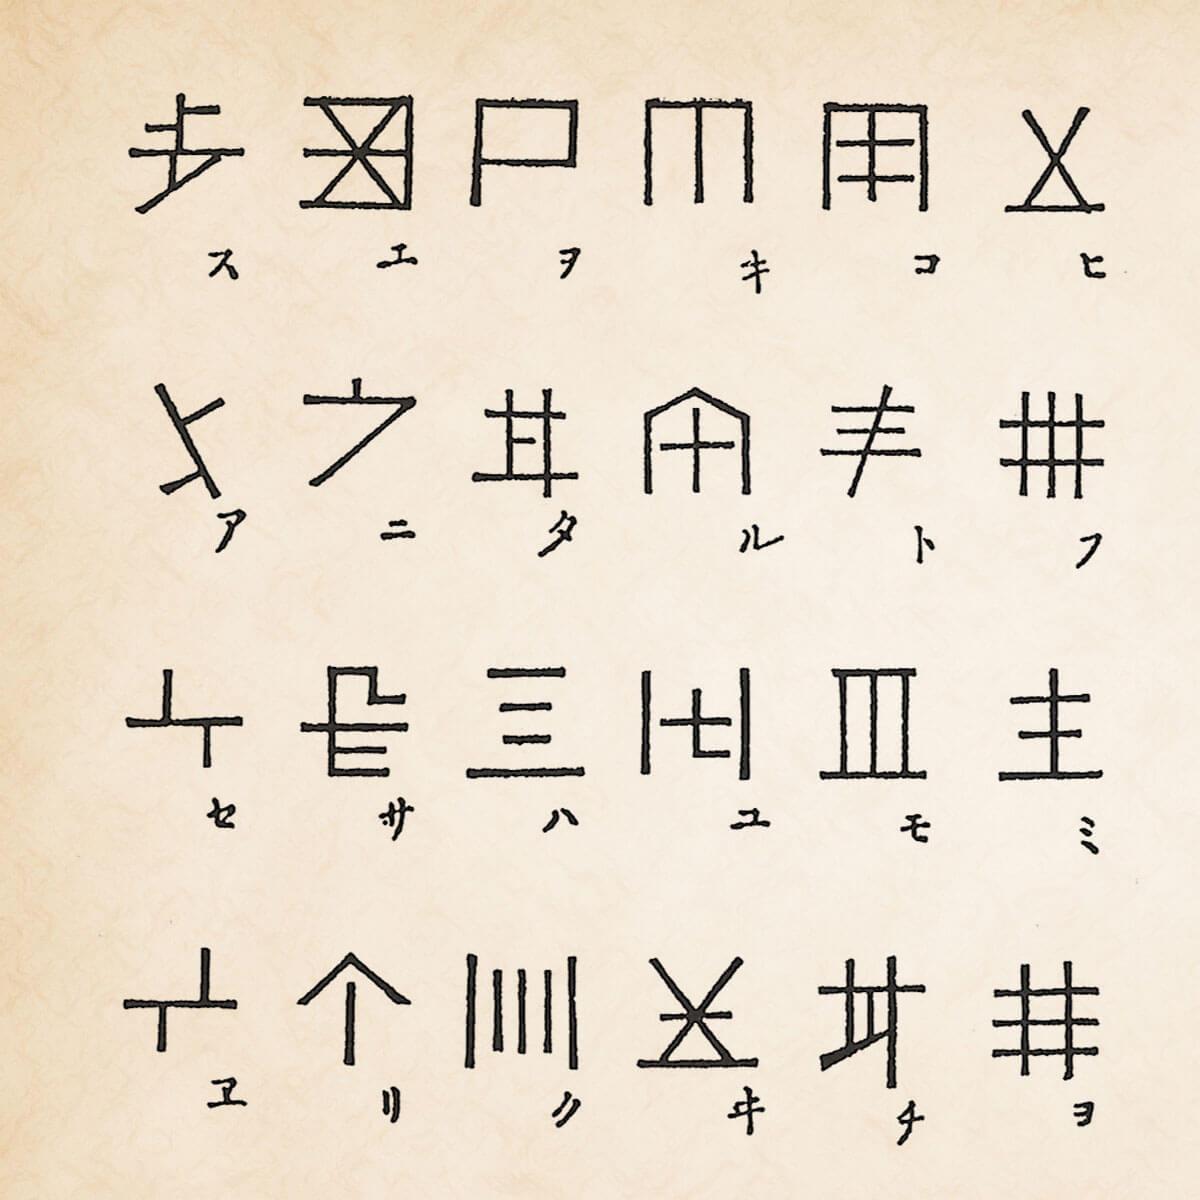 インベ文字